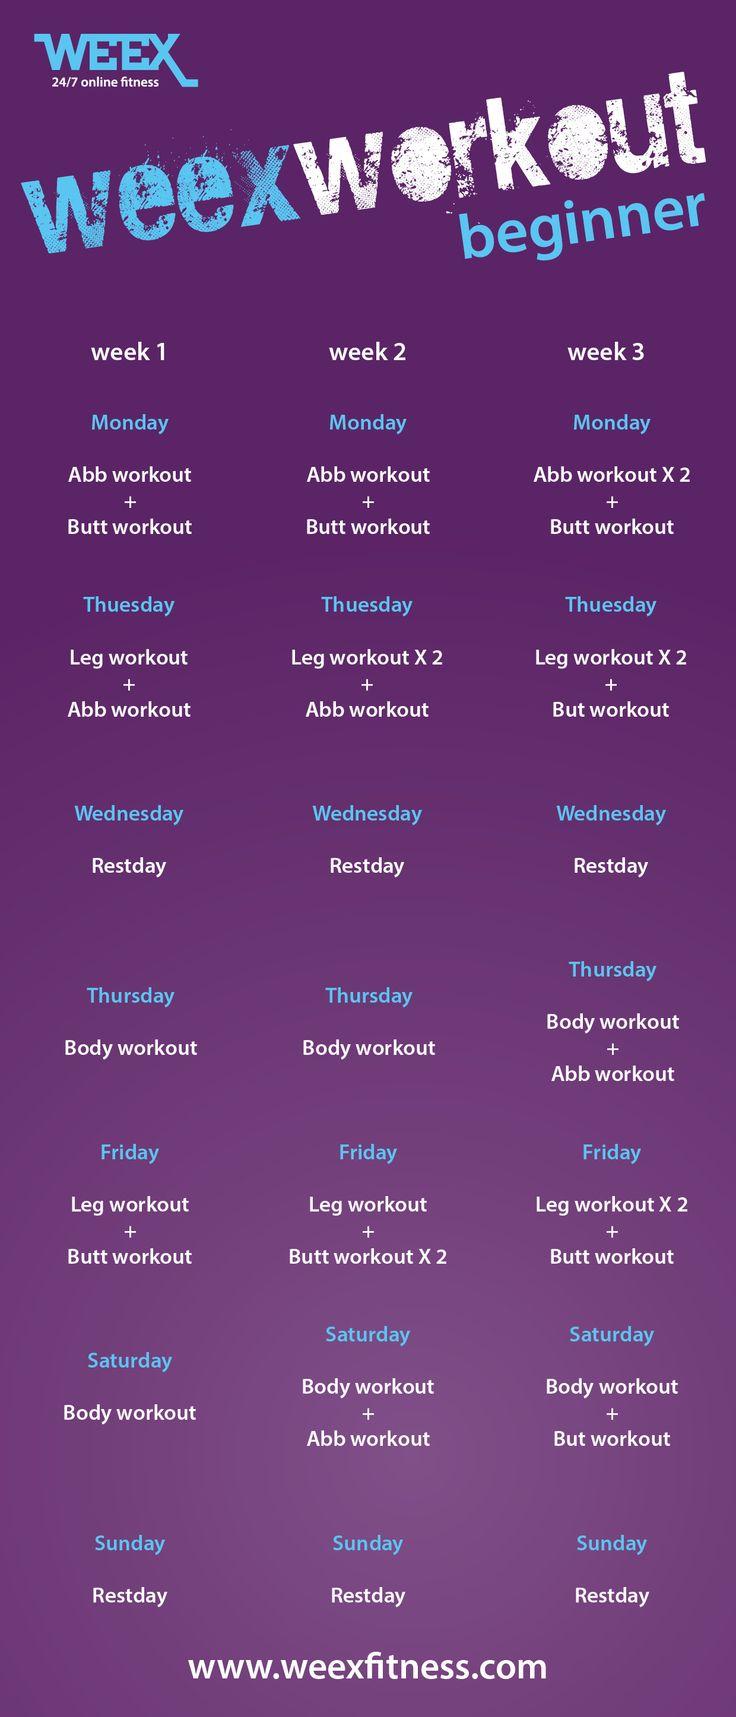 Volg deze fitness / workout challenge, speciaal voor de probleemgebieden van vrouwen, 3 weken. Met deze training worden jou spieren strakker en in een betere conditie. Heb jij nog vragen op gebied van deze fitness of een gezonder lichaam? Stel ze dan gerust via ons contact formulier!